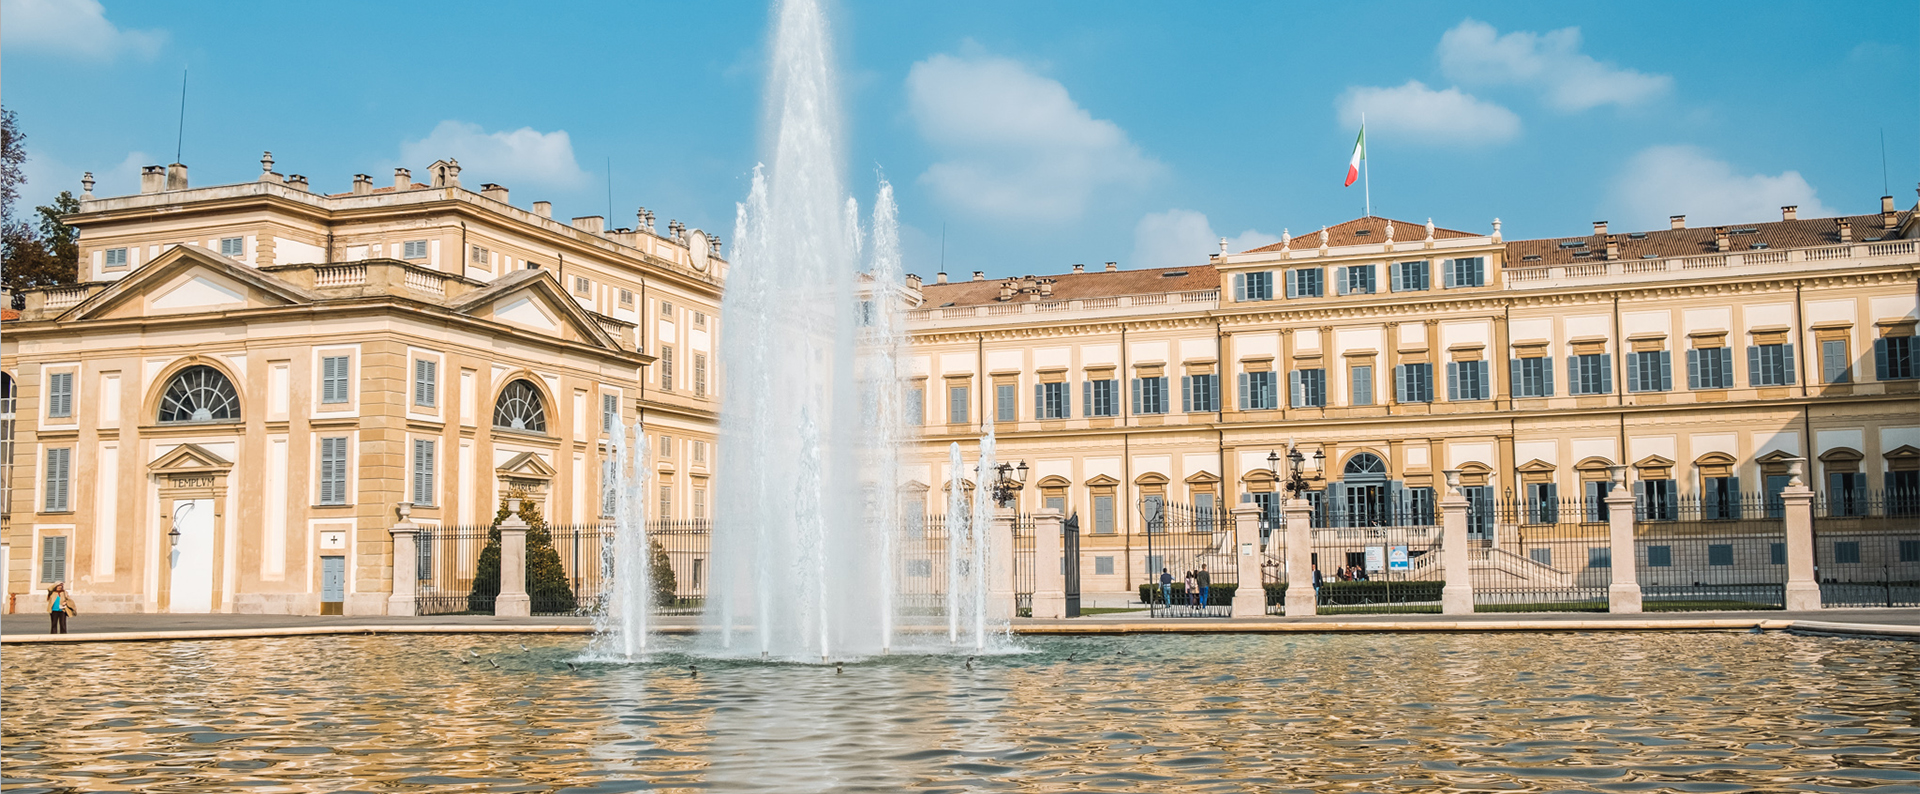 Comprare casa a Monza e Brianza